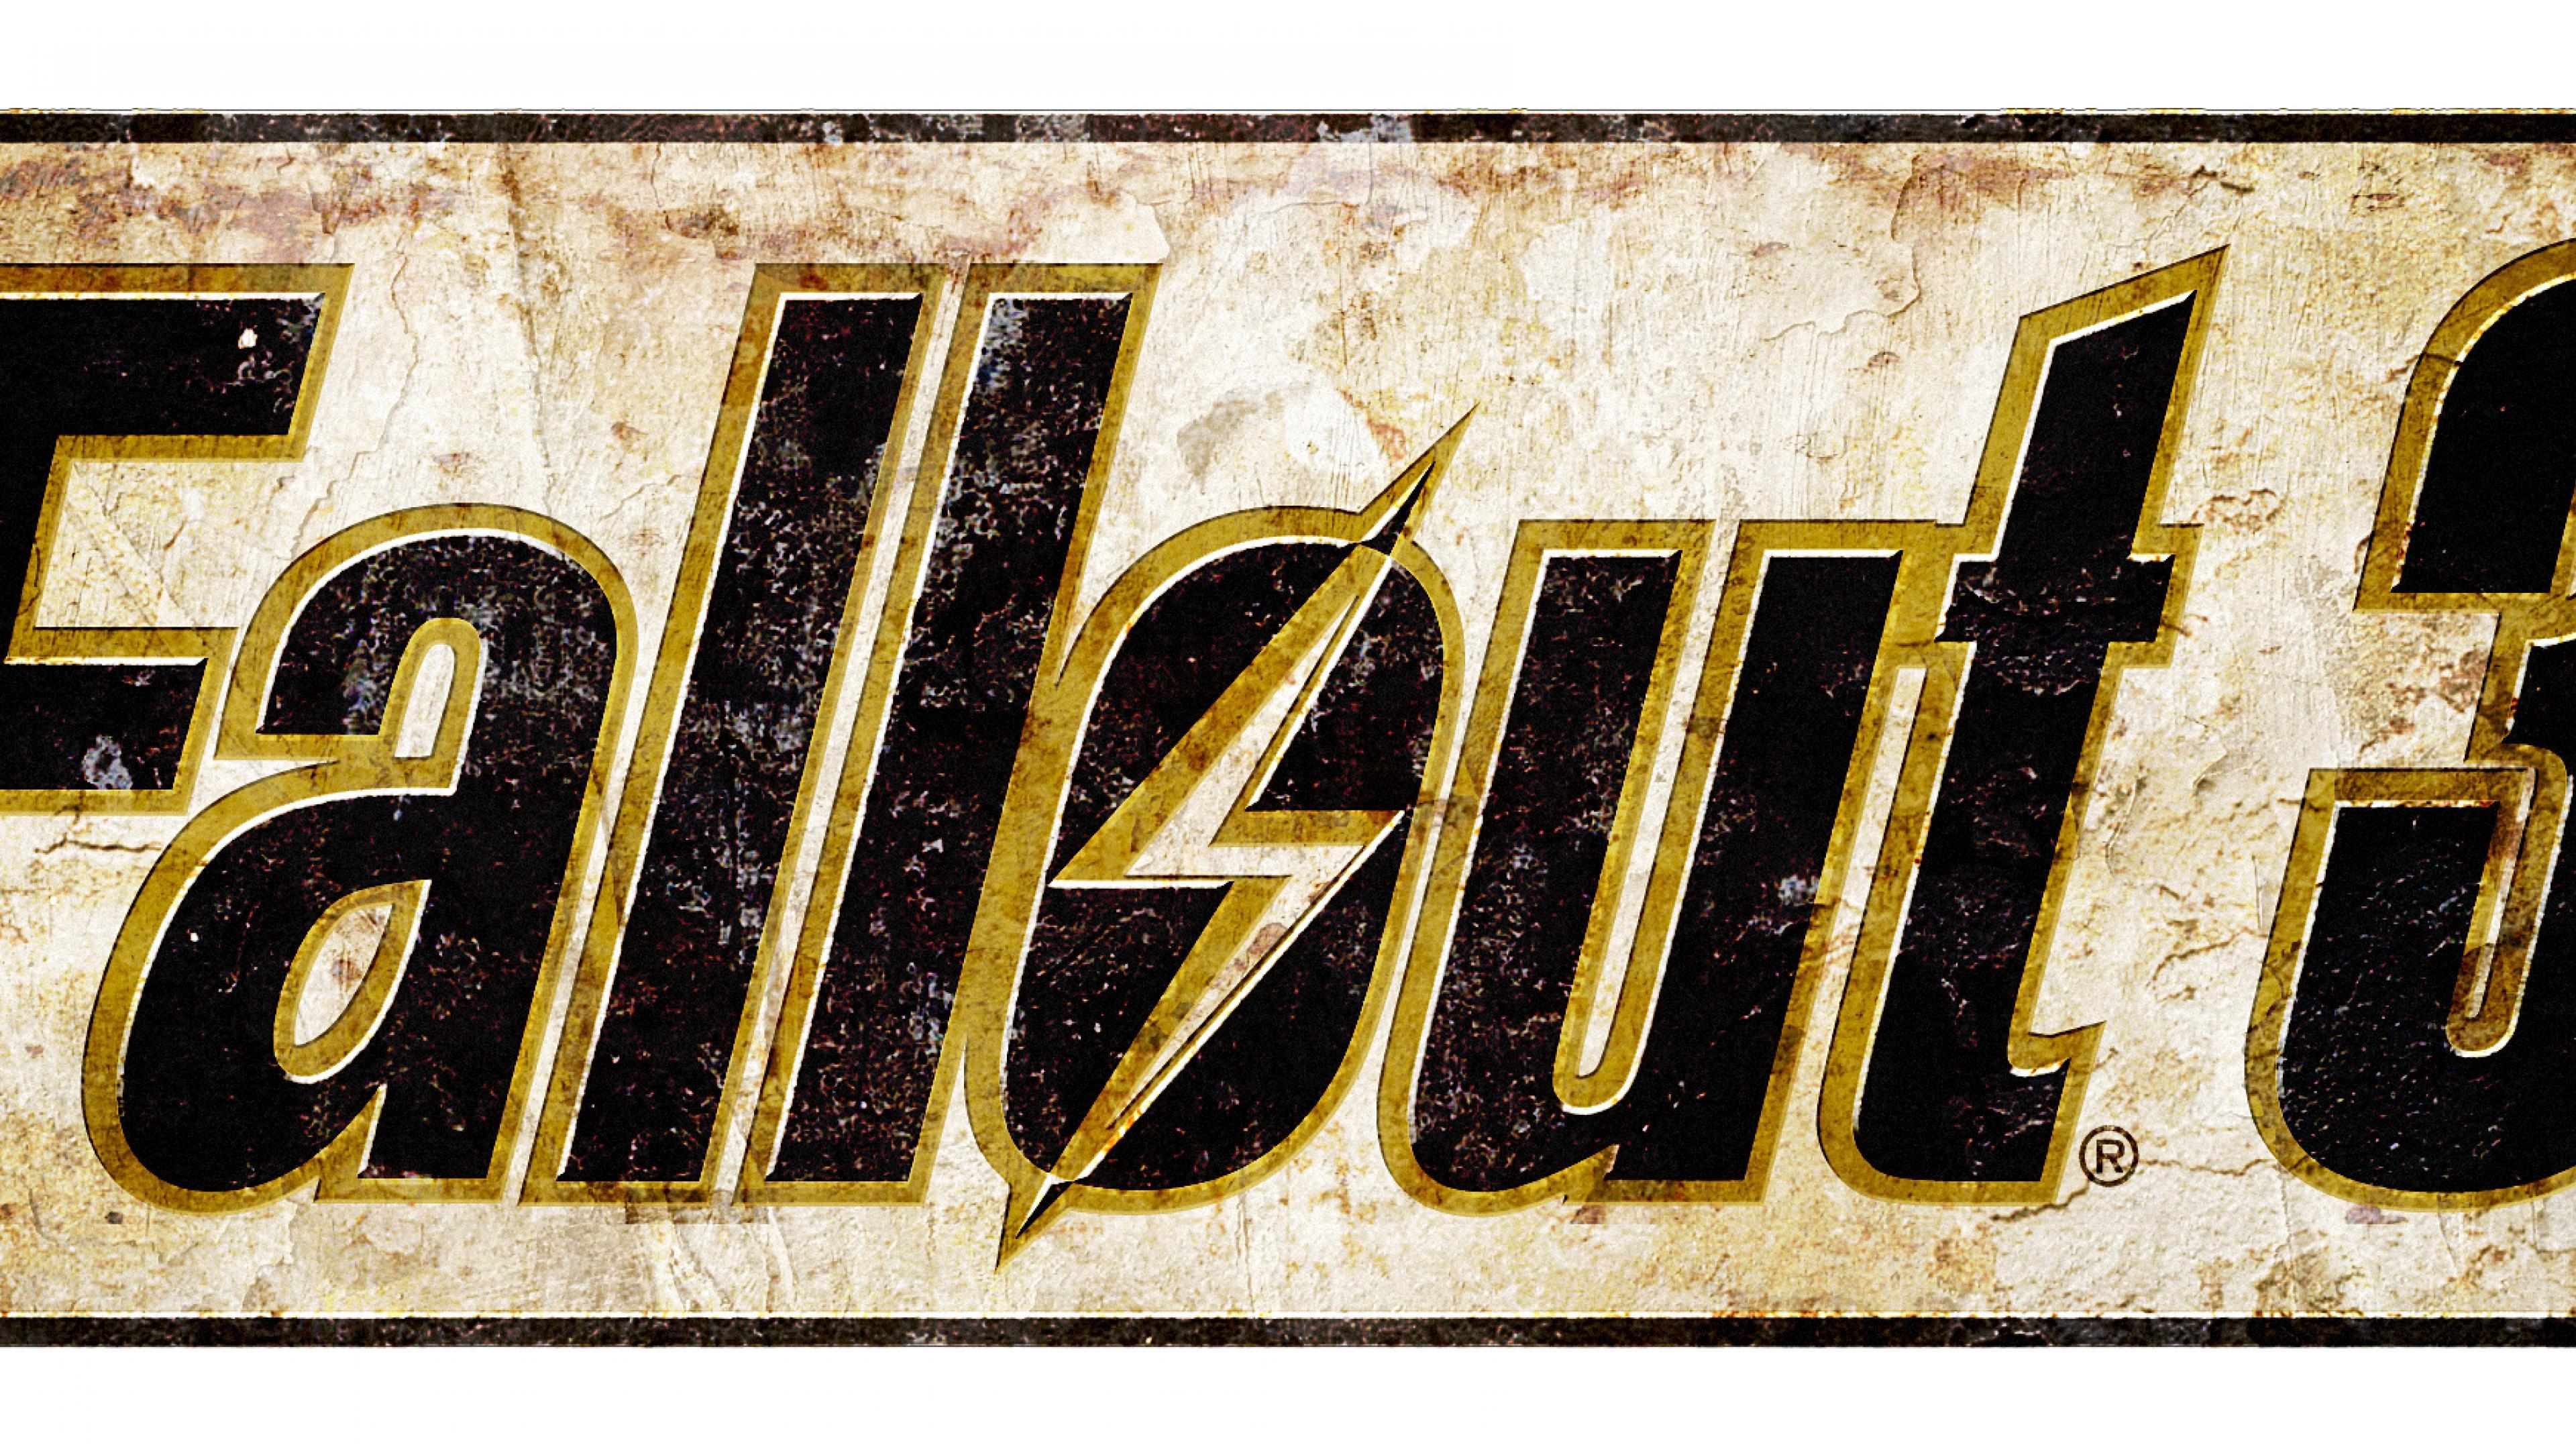 fallout logos logo desktop 2534x980 hd wallpaper 215483jpg 3840x2160